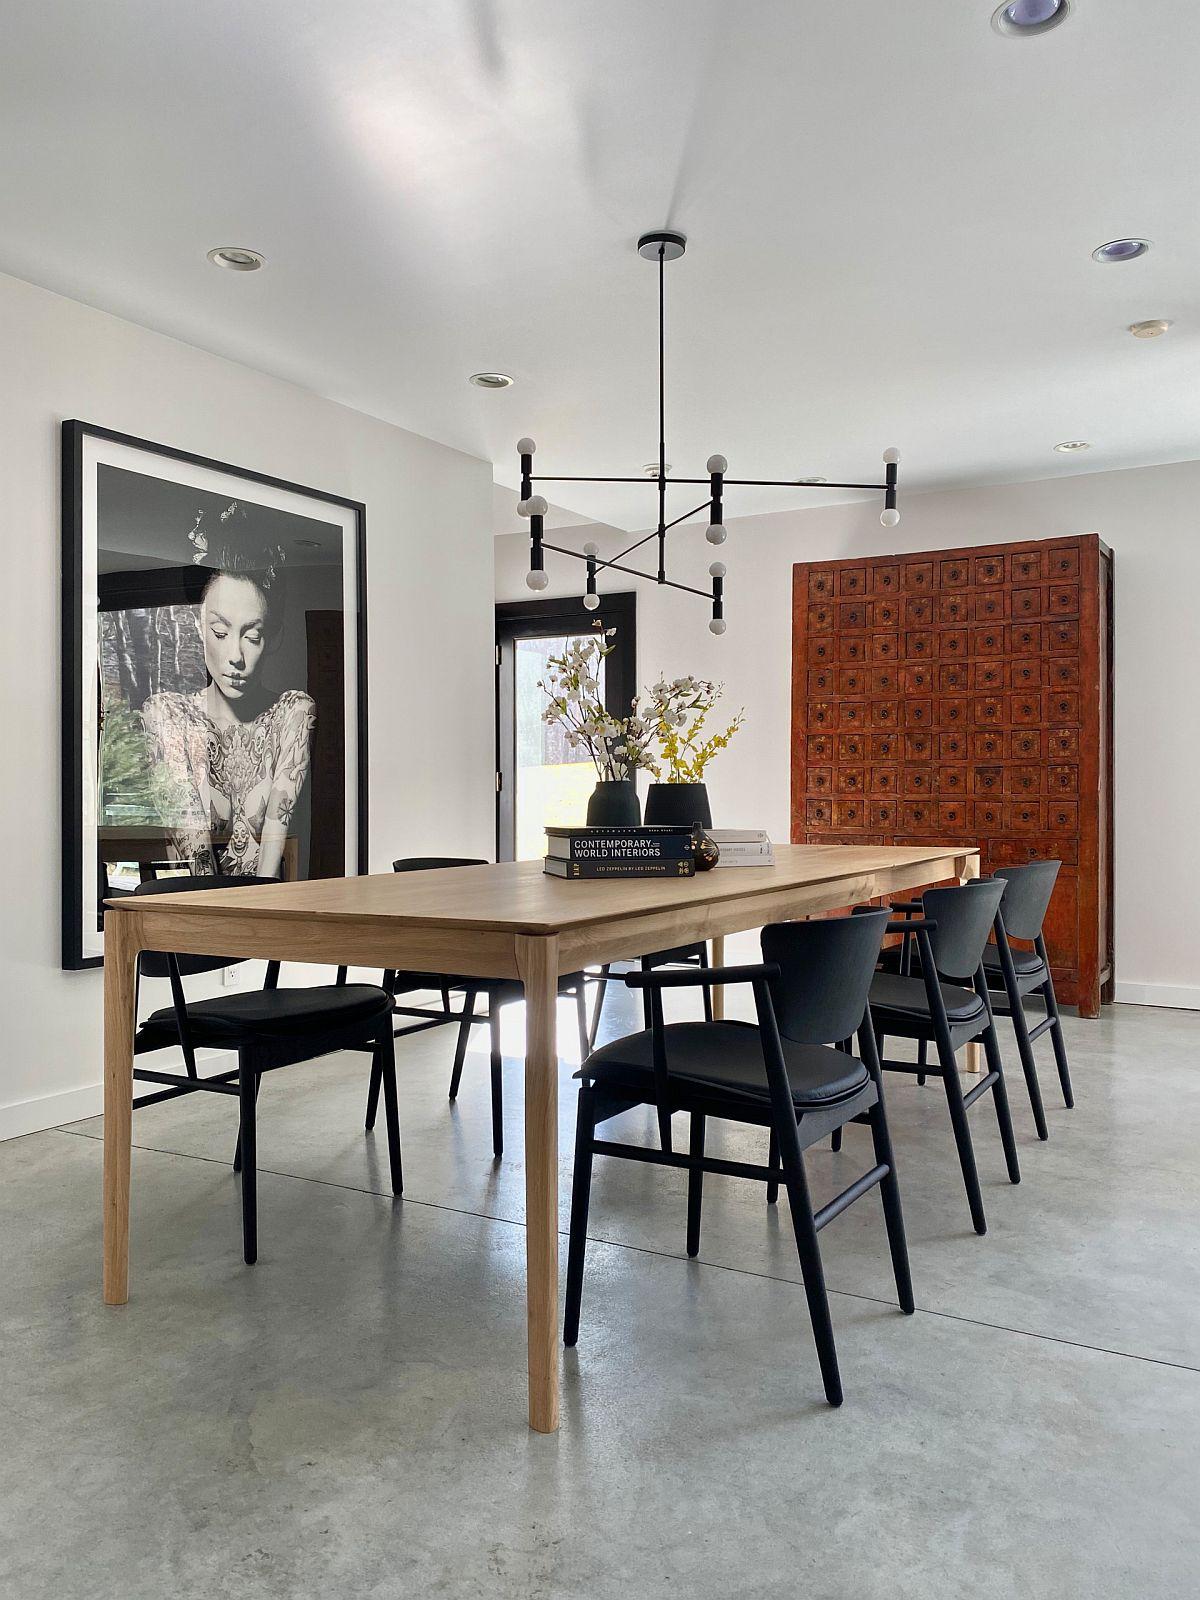 Sử dụng các tác phẩm nghệ thuật treo tường tuyệt vời để tạo cho phòng ăn tối giản một cá tính riêng